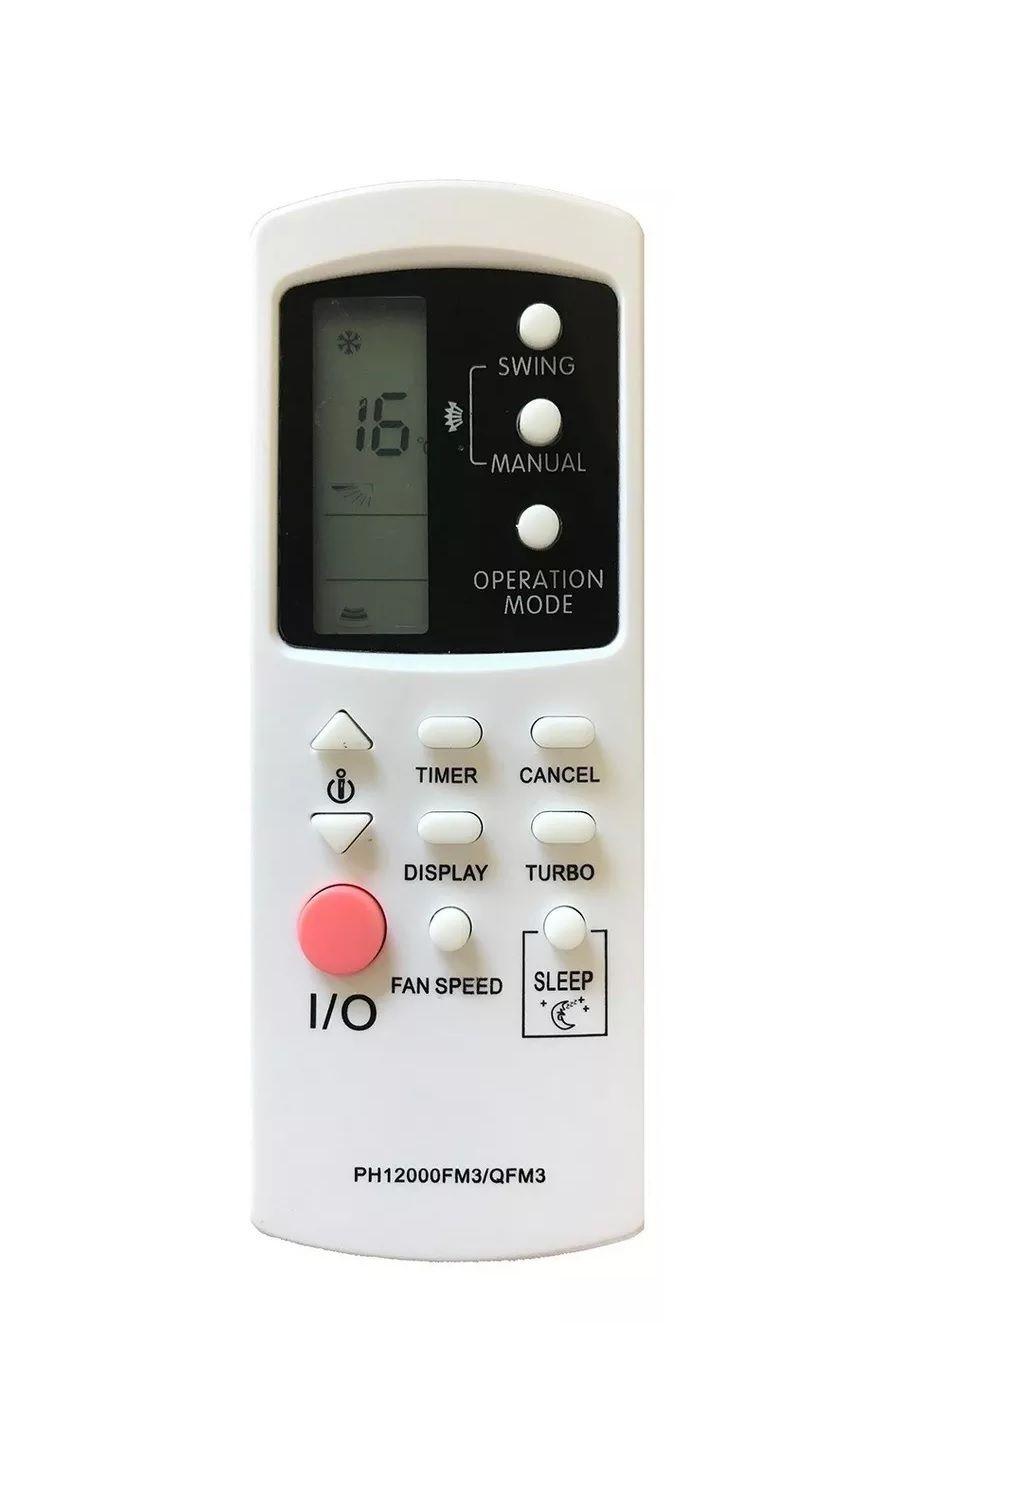 Controle Remoto MXT para Ar Condicionado Split Philco Gz01-bej0-000  - Mix Eletro